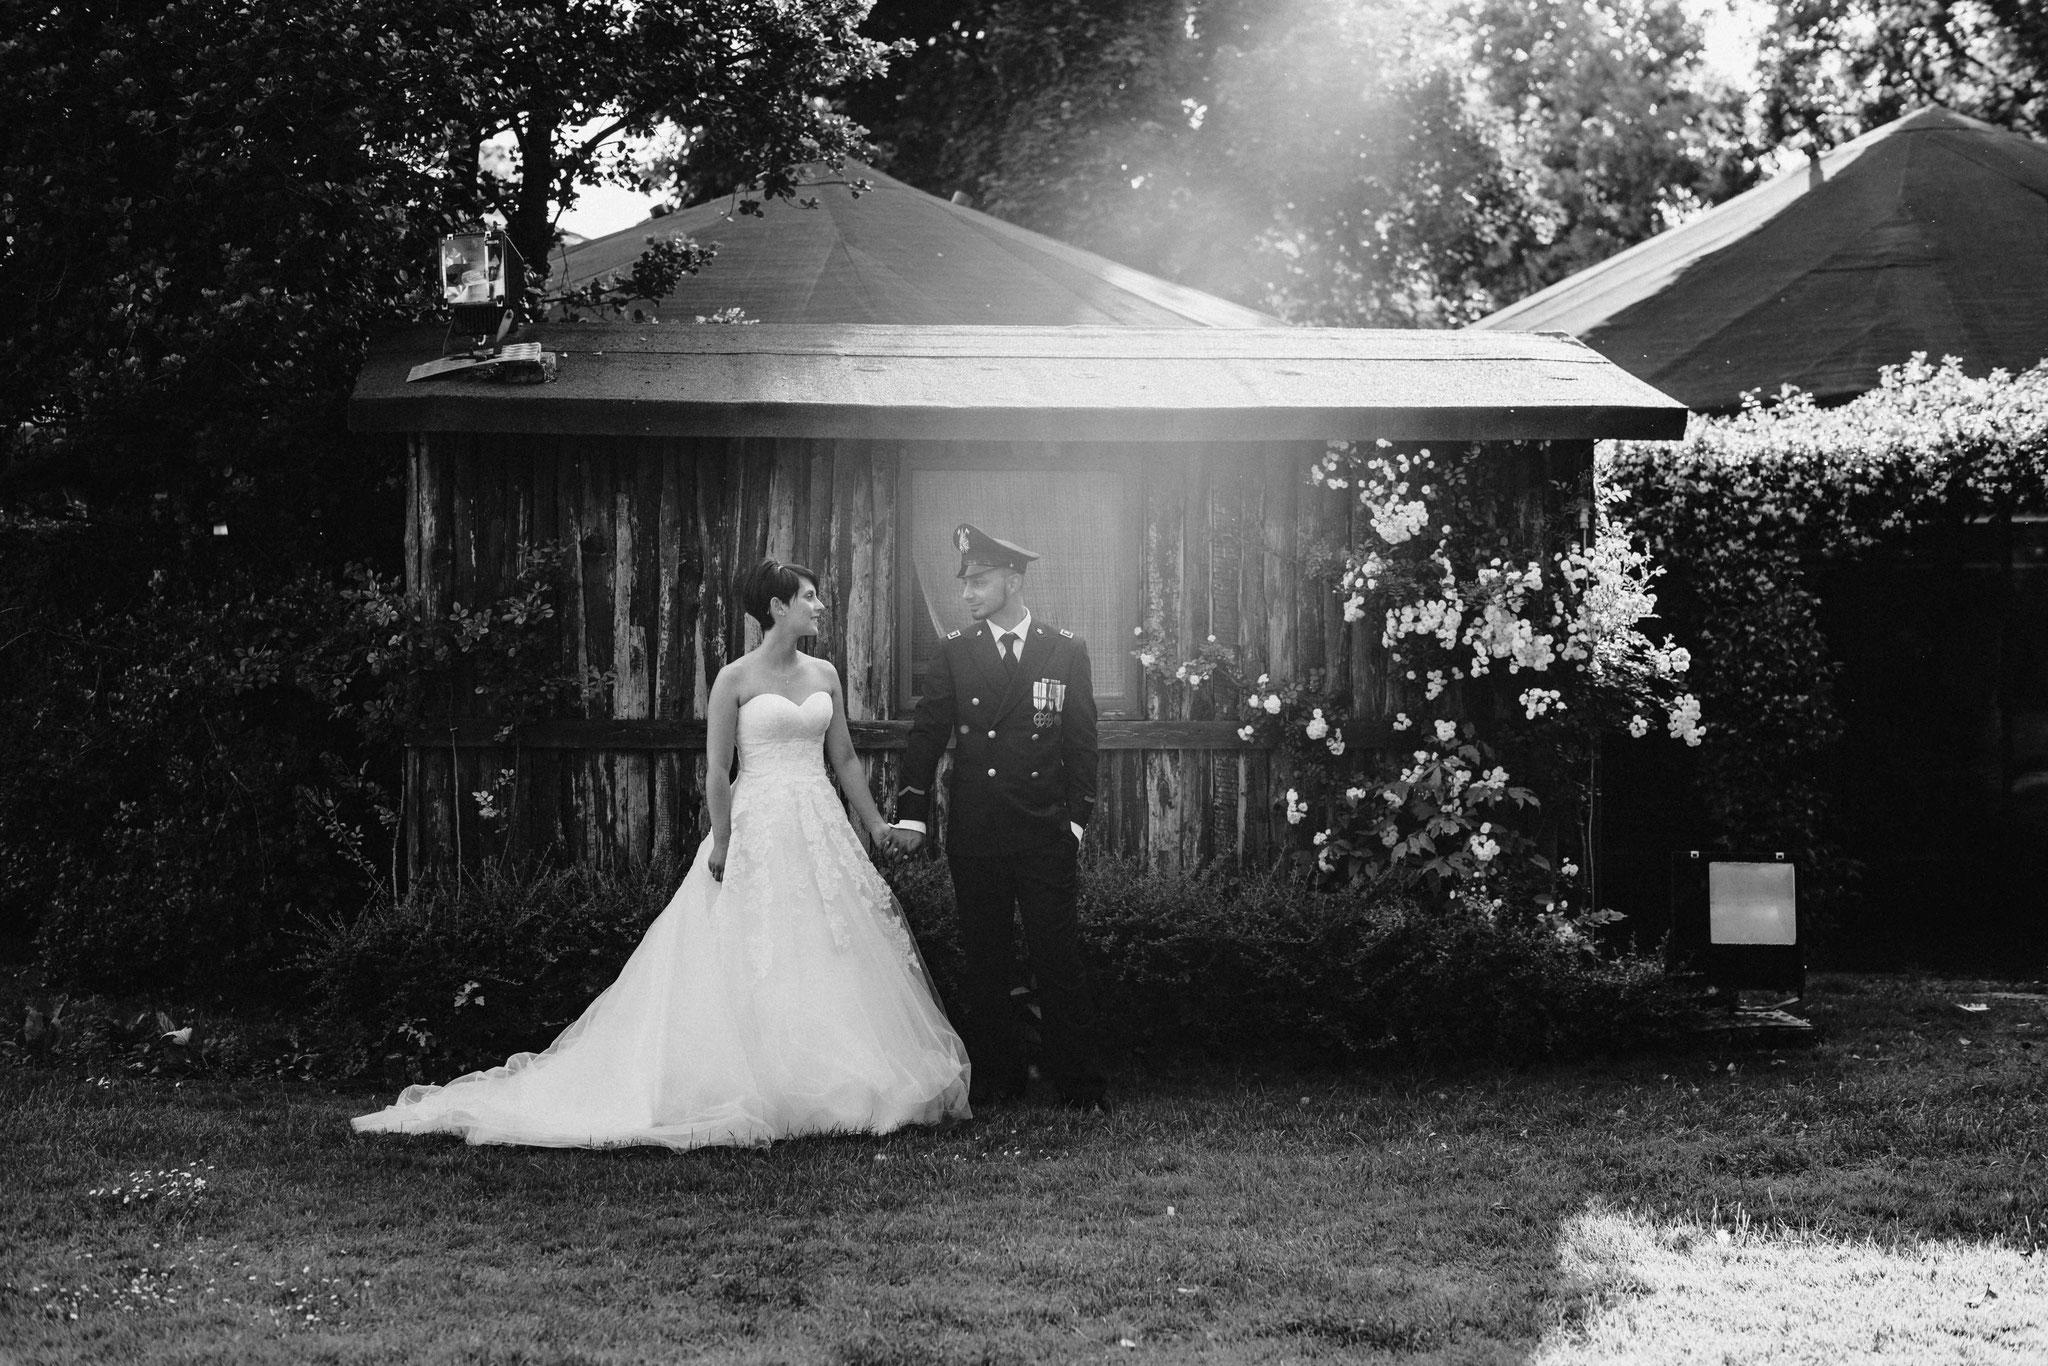 Wedding Photo in Treviso